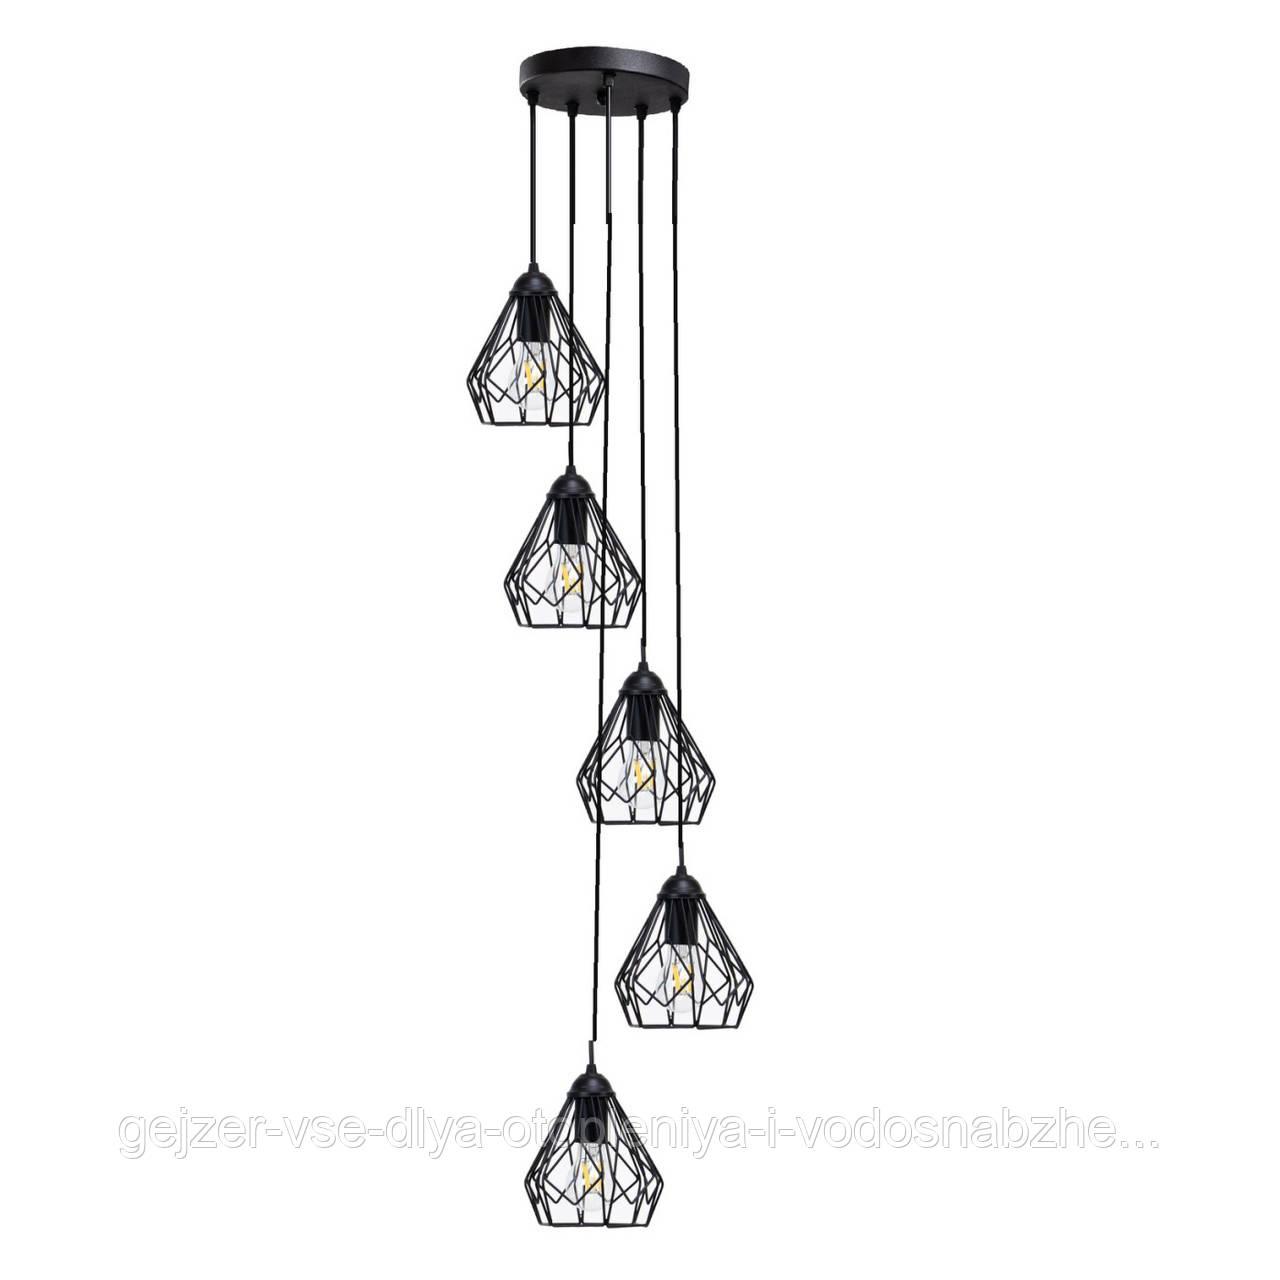 Потолочный подвесной светильник Atma Light серии Bevel 165-5-230 Black